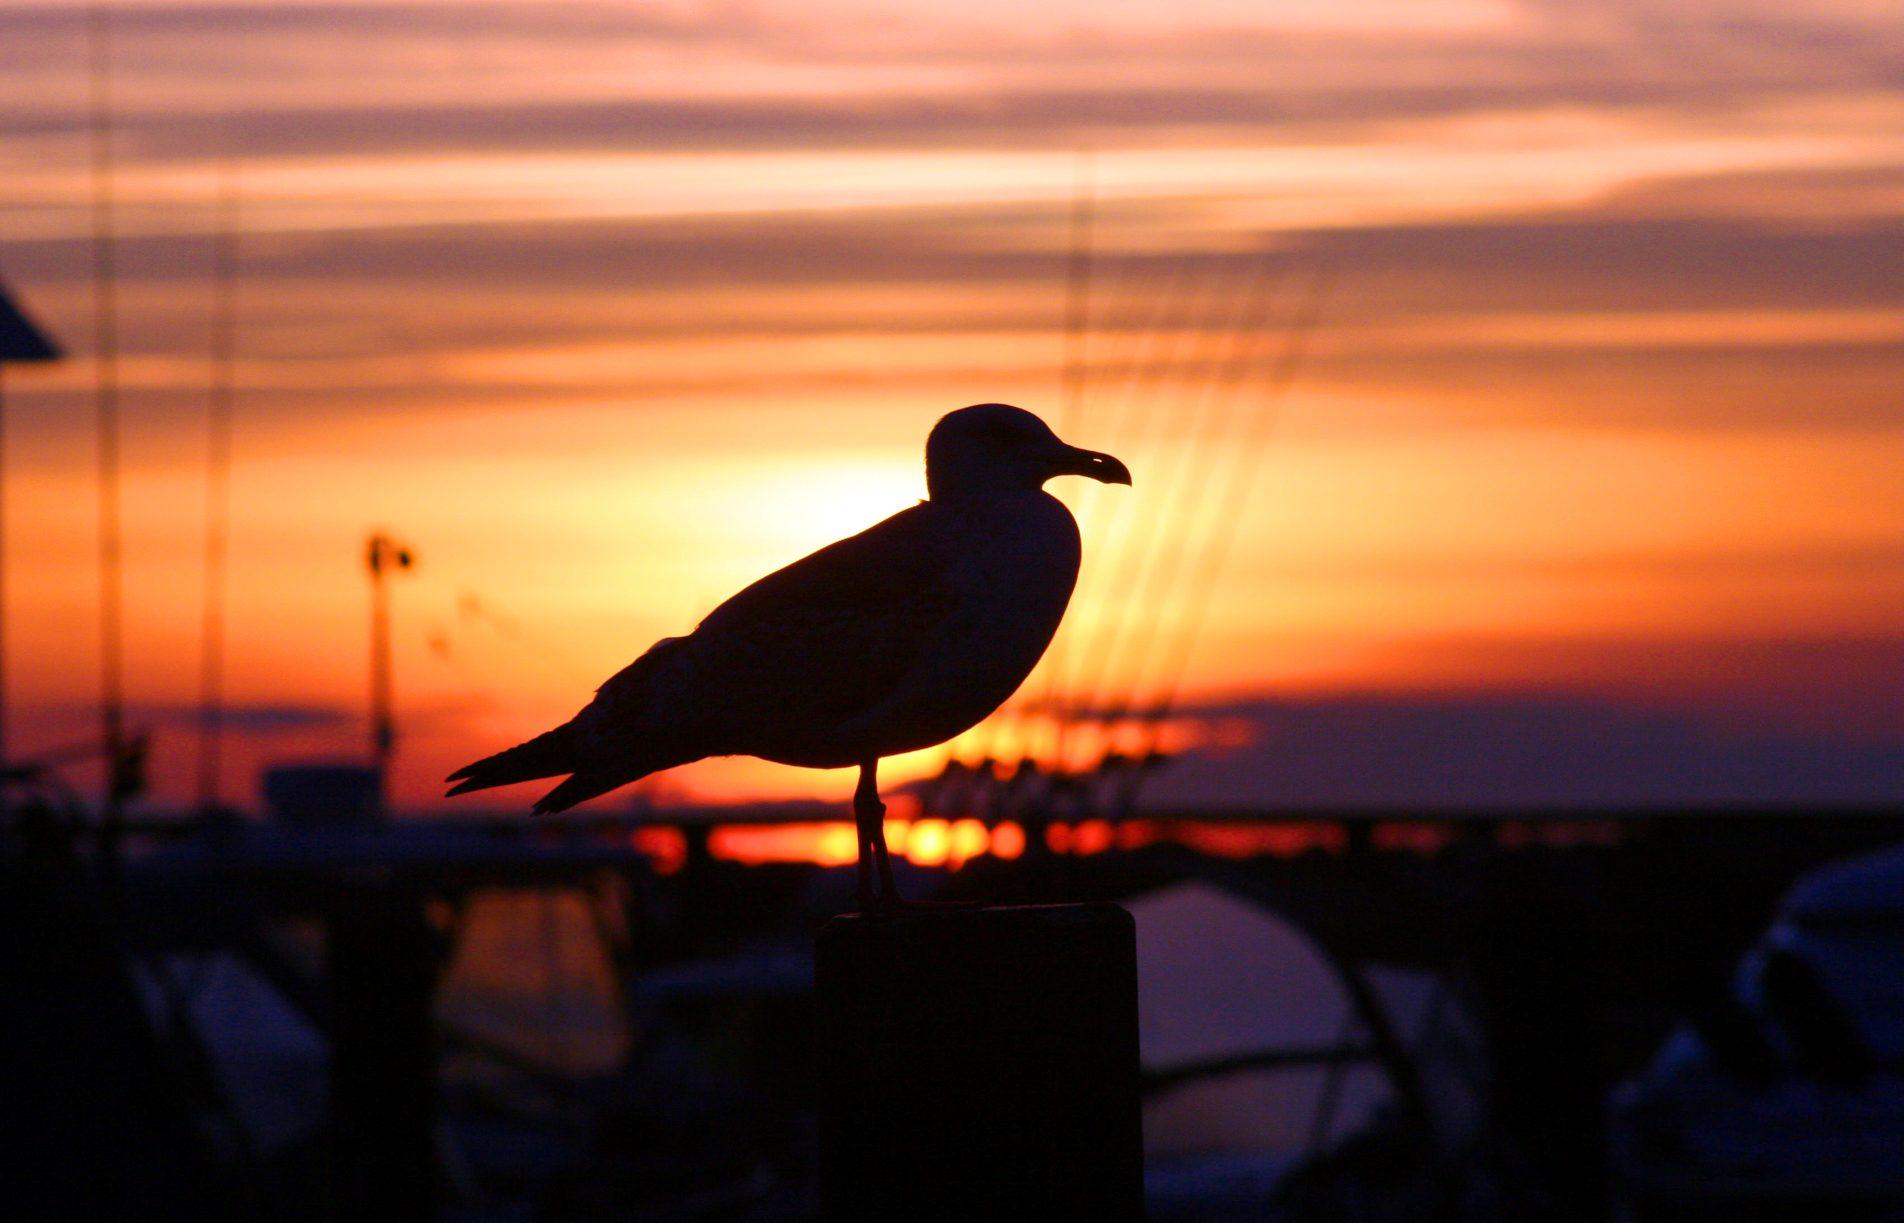 Eine Möwe sitzt in schwedischem Hafen vor einem Sonnenuntergang